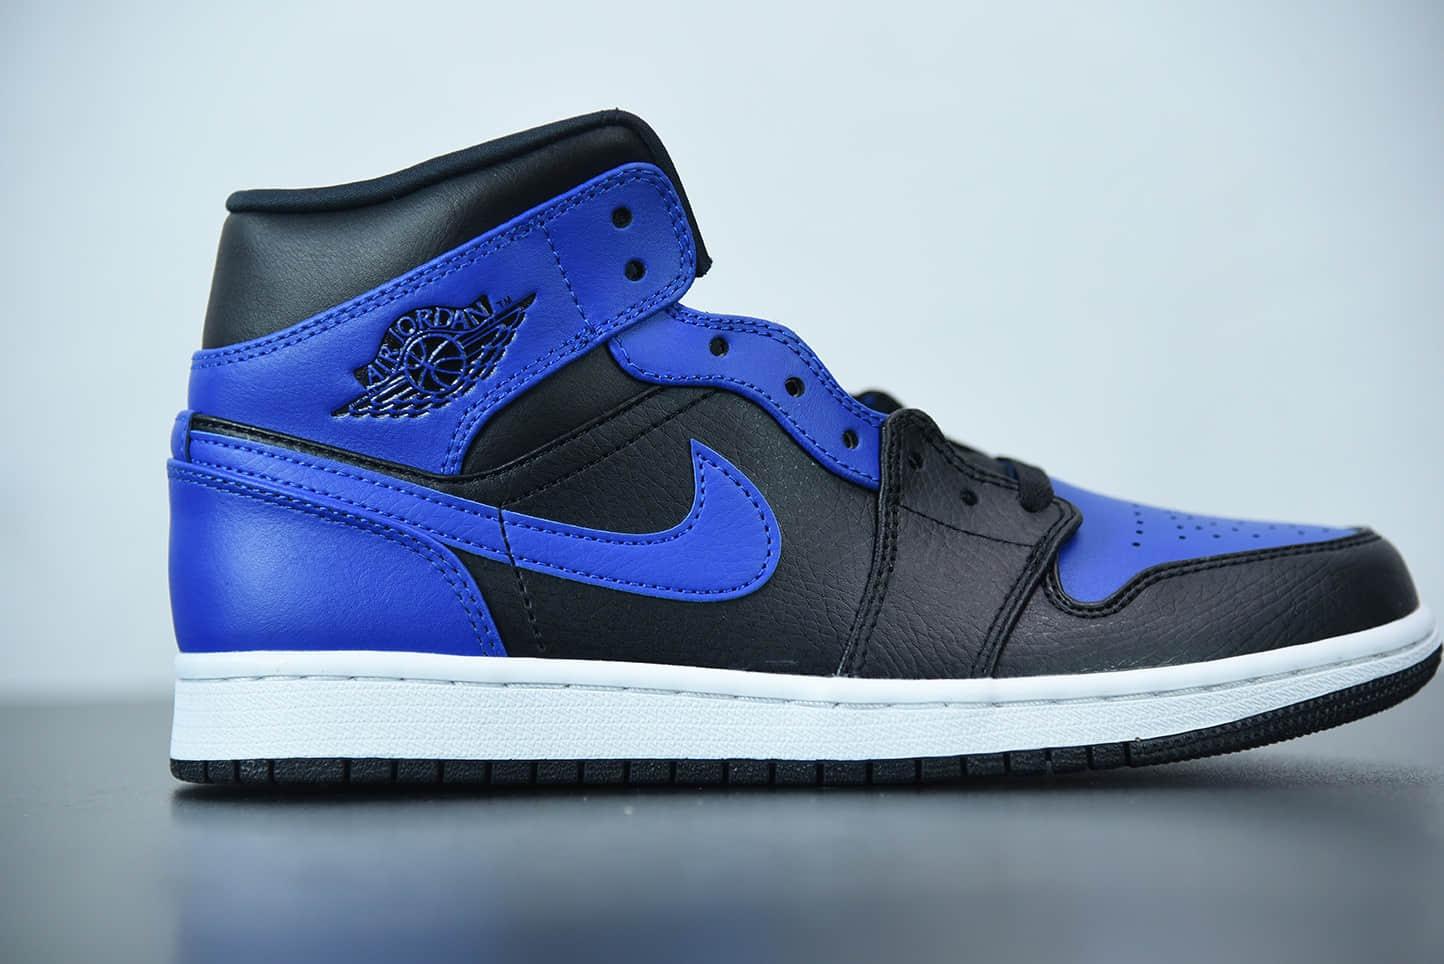 乔丹Air Jordan 1 Mid 黑蓝中邦篮球鞋纯原版本 货号:554724-077